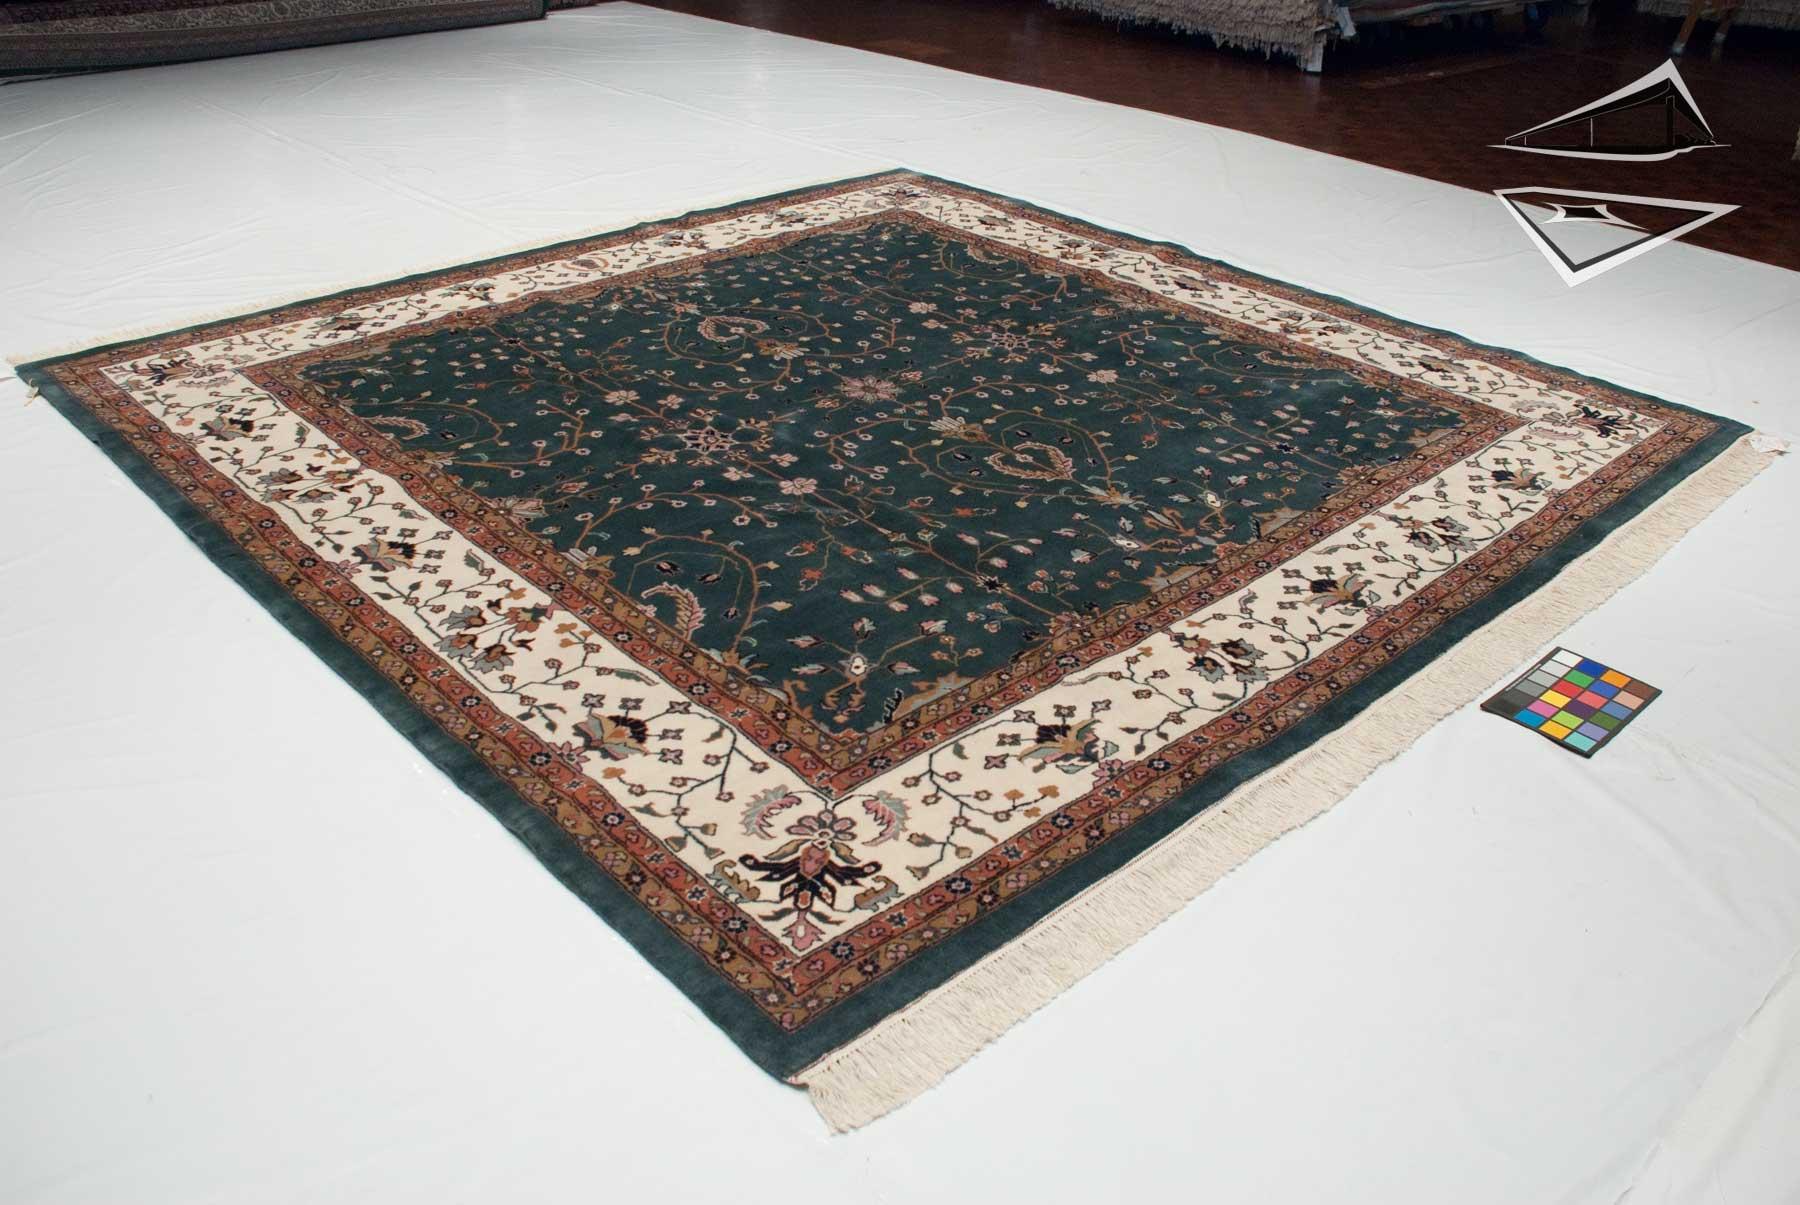 farahan sarouk design square rug 10 39 x 10 39 teal. Black Bedroom Furniture Sets. Home Design Ideas